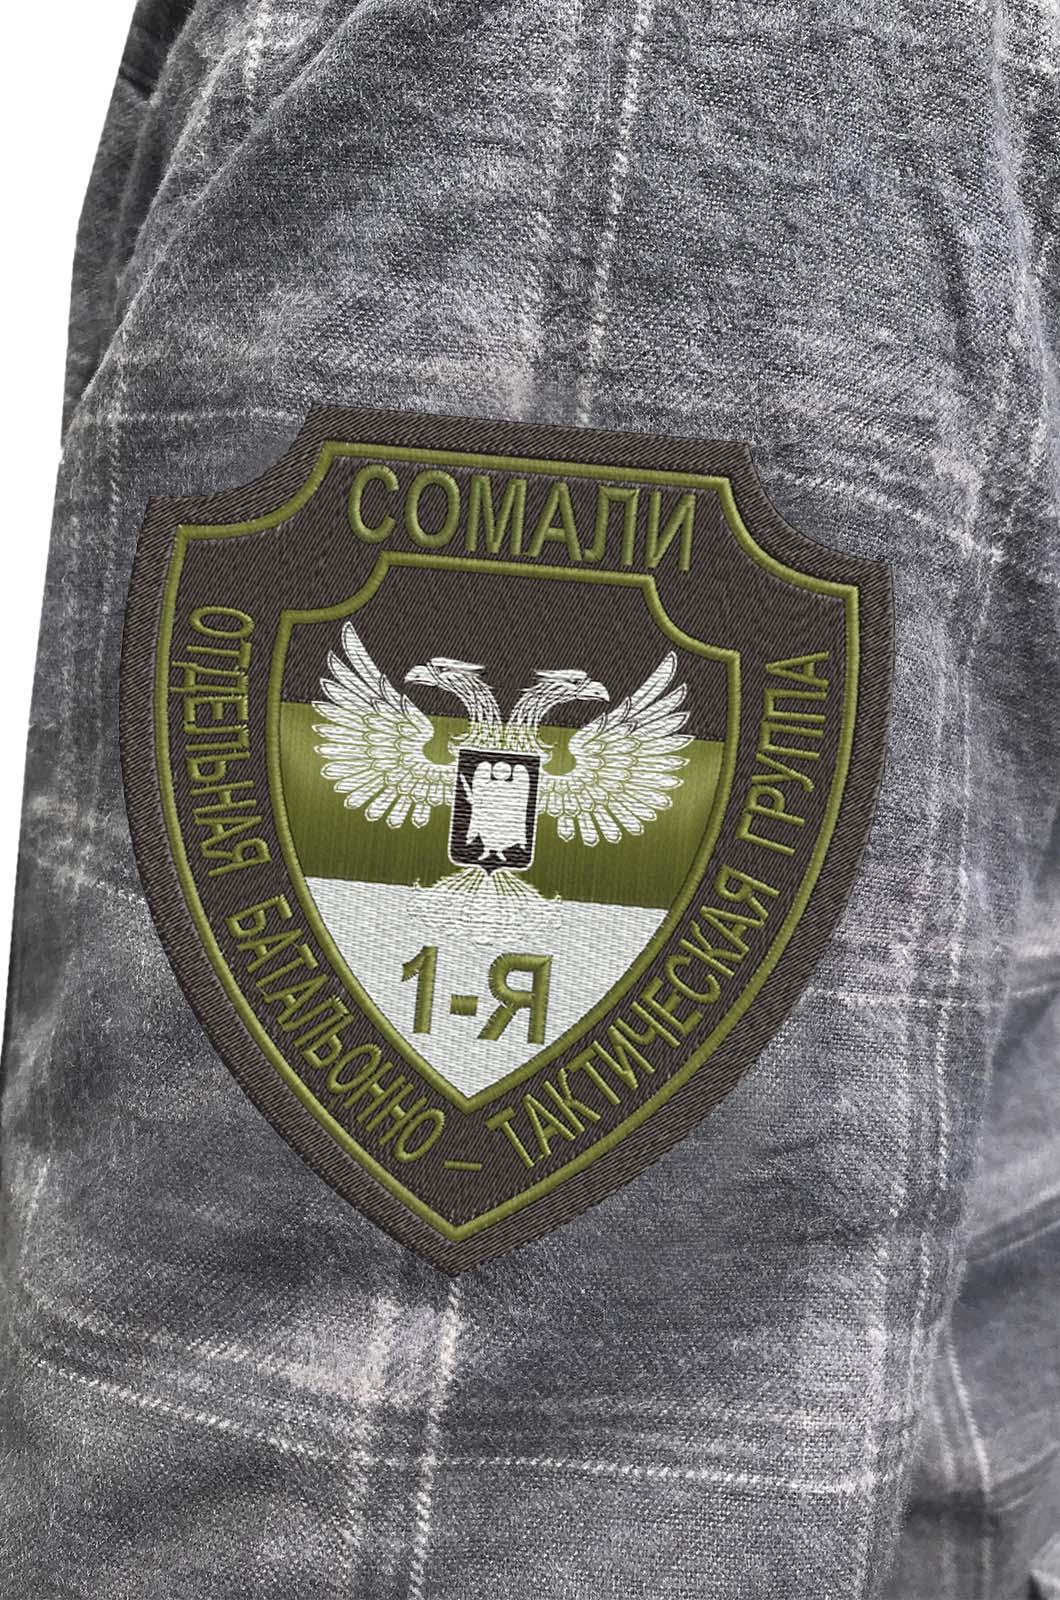 Лаконичная рубашка с вышитым шевроном Группа Сомали - купить в розницу